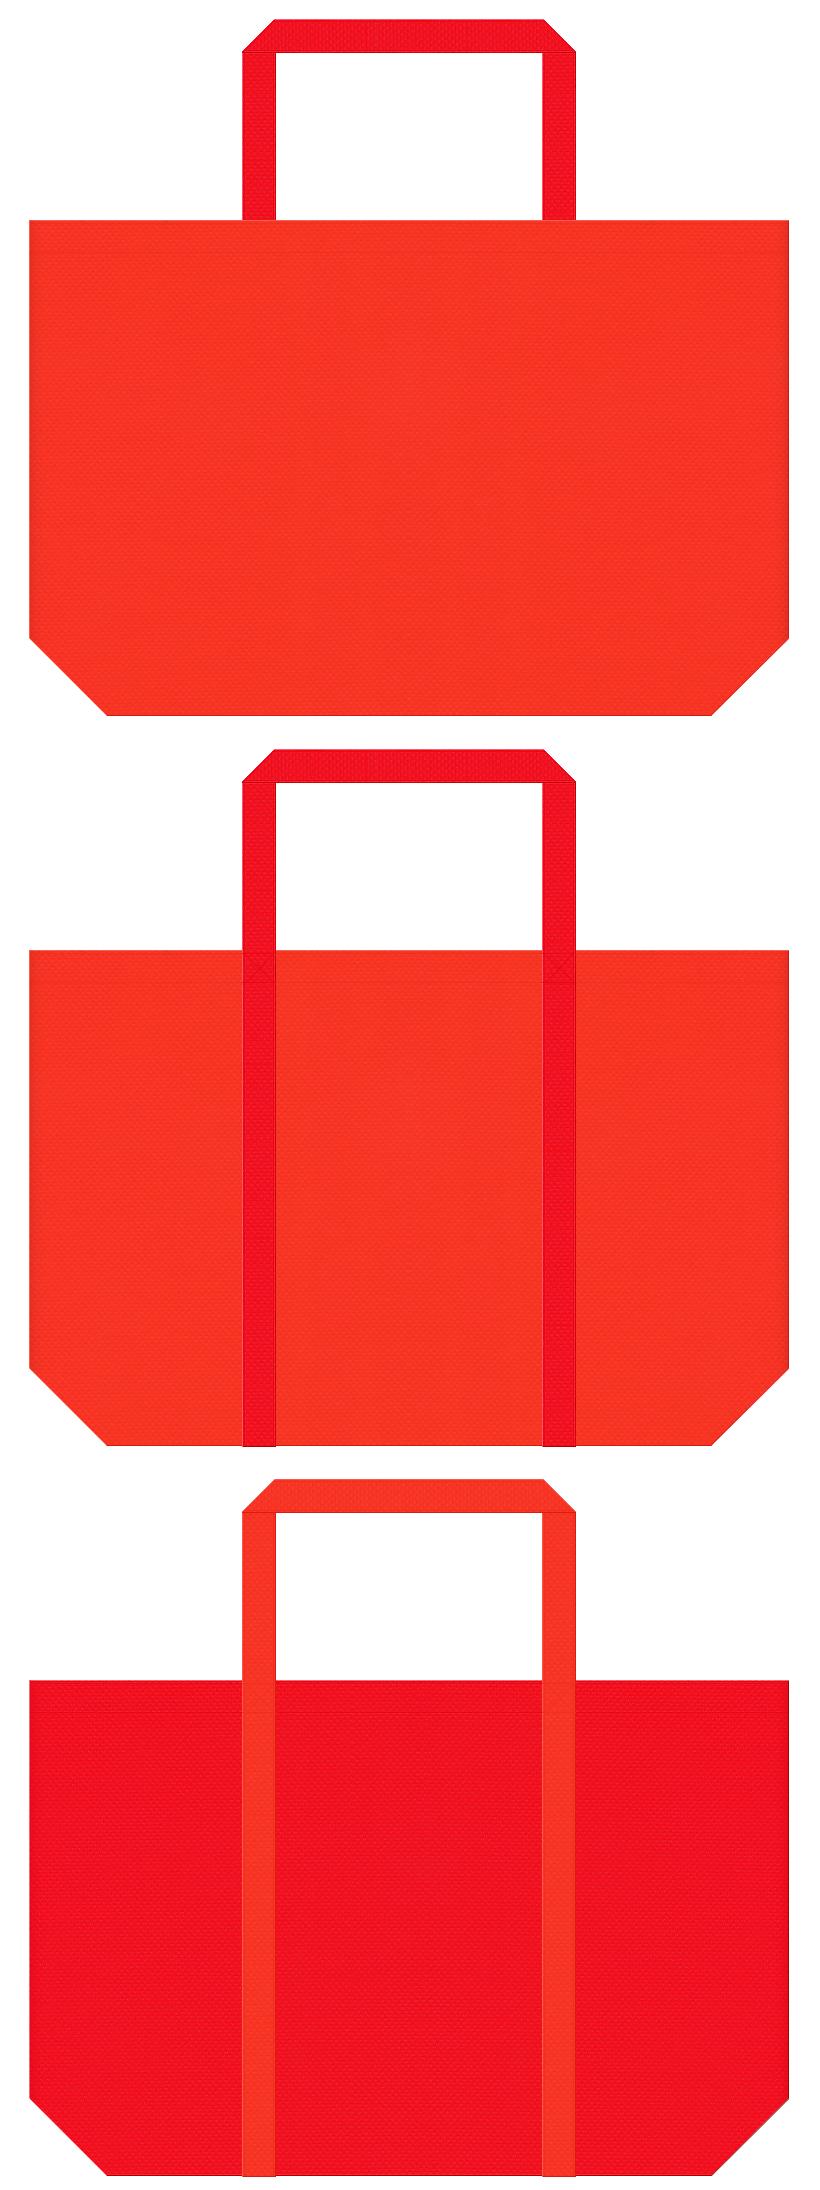 サプリメント・太陽・エネルギー・暖房器具・スポーツ・キャンプ・バーベキュー・アウトドア・紅葉・観光・秋のイベントにお奨めの不織布バッグデザイン:オレンジ色と赤色のコーデ